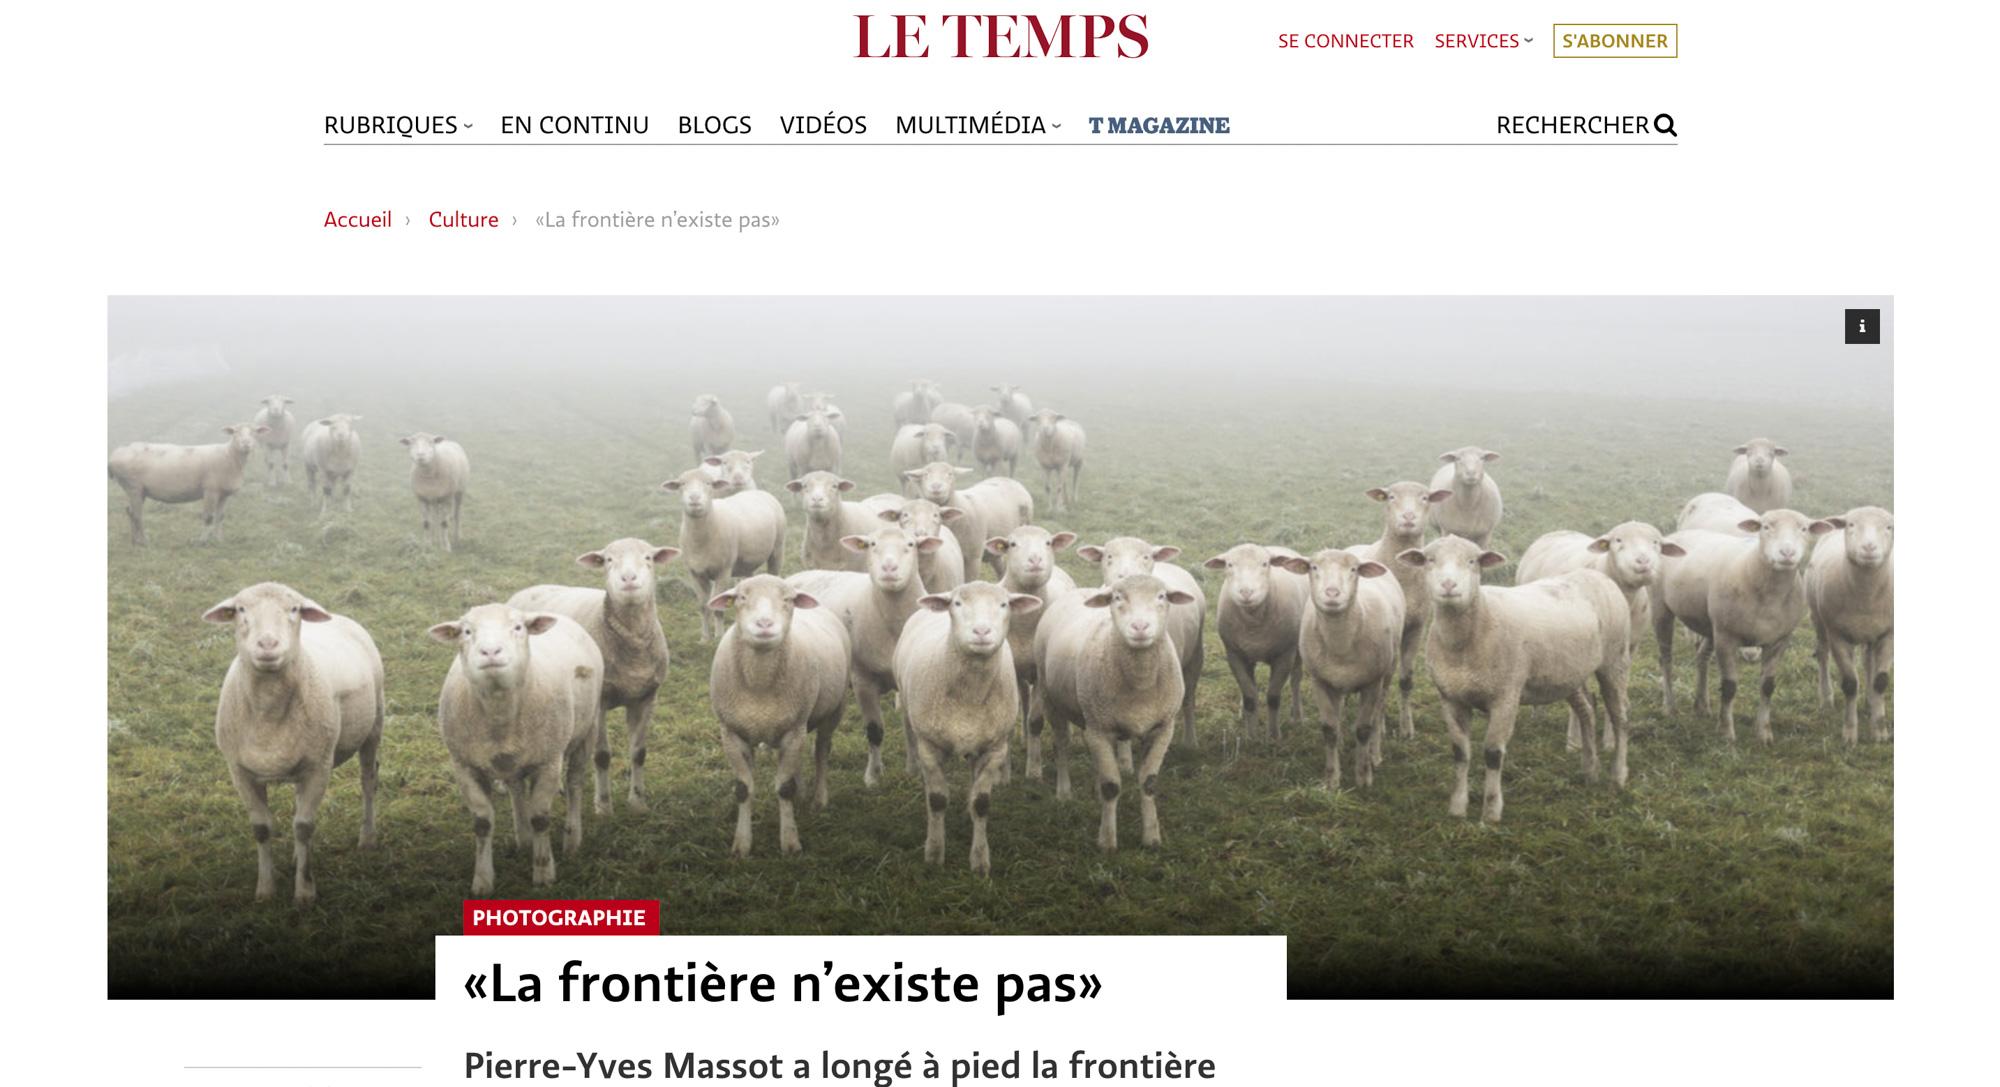 Interview dans Le Temps à propos de la série sur la frontière linguistique dans le canton de Fribourg en Suisse, du Vully à la Wandflue, par le photographe Pierre-Yves Massot.